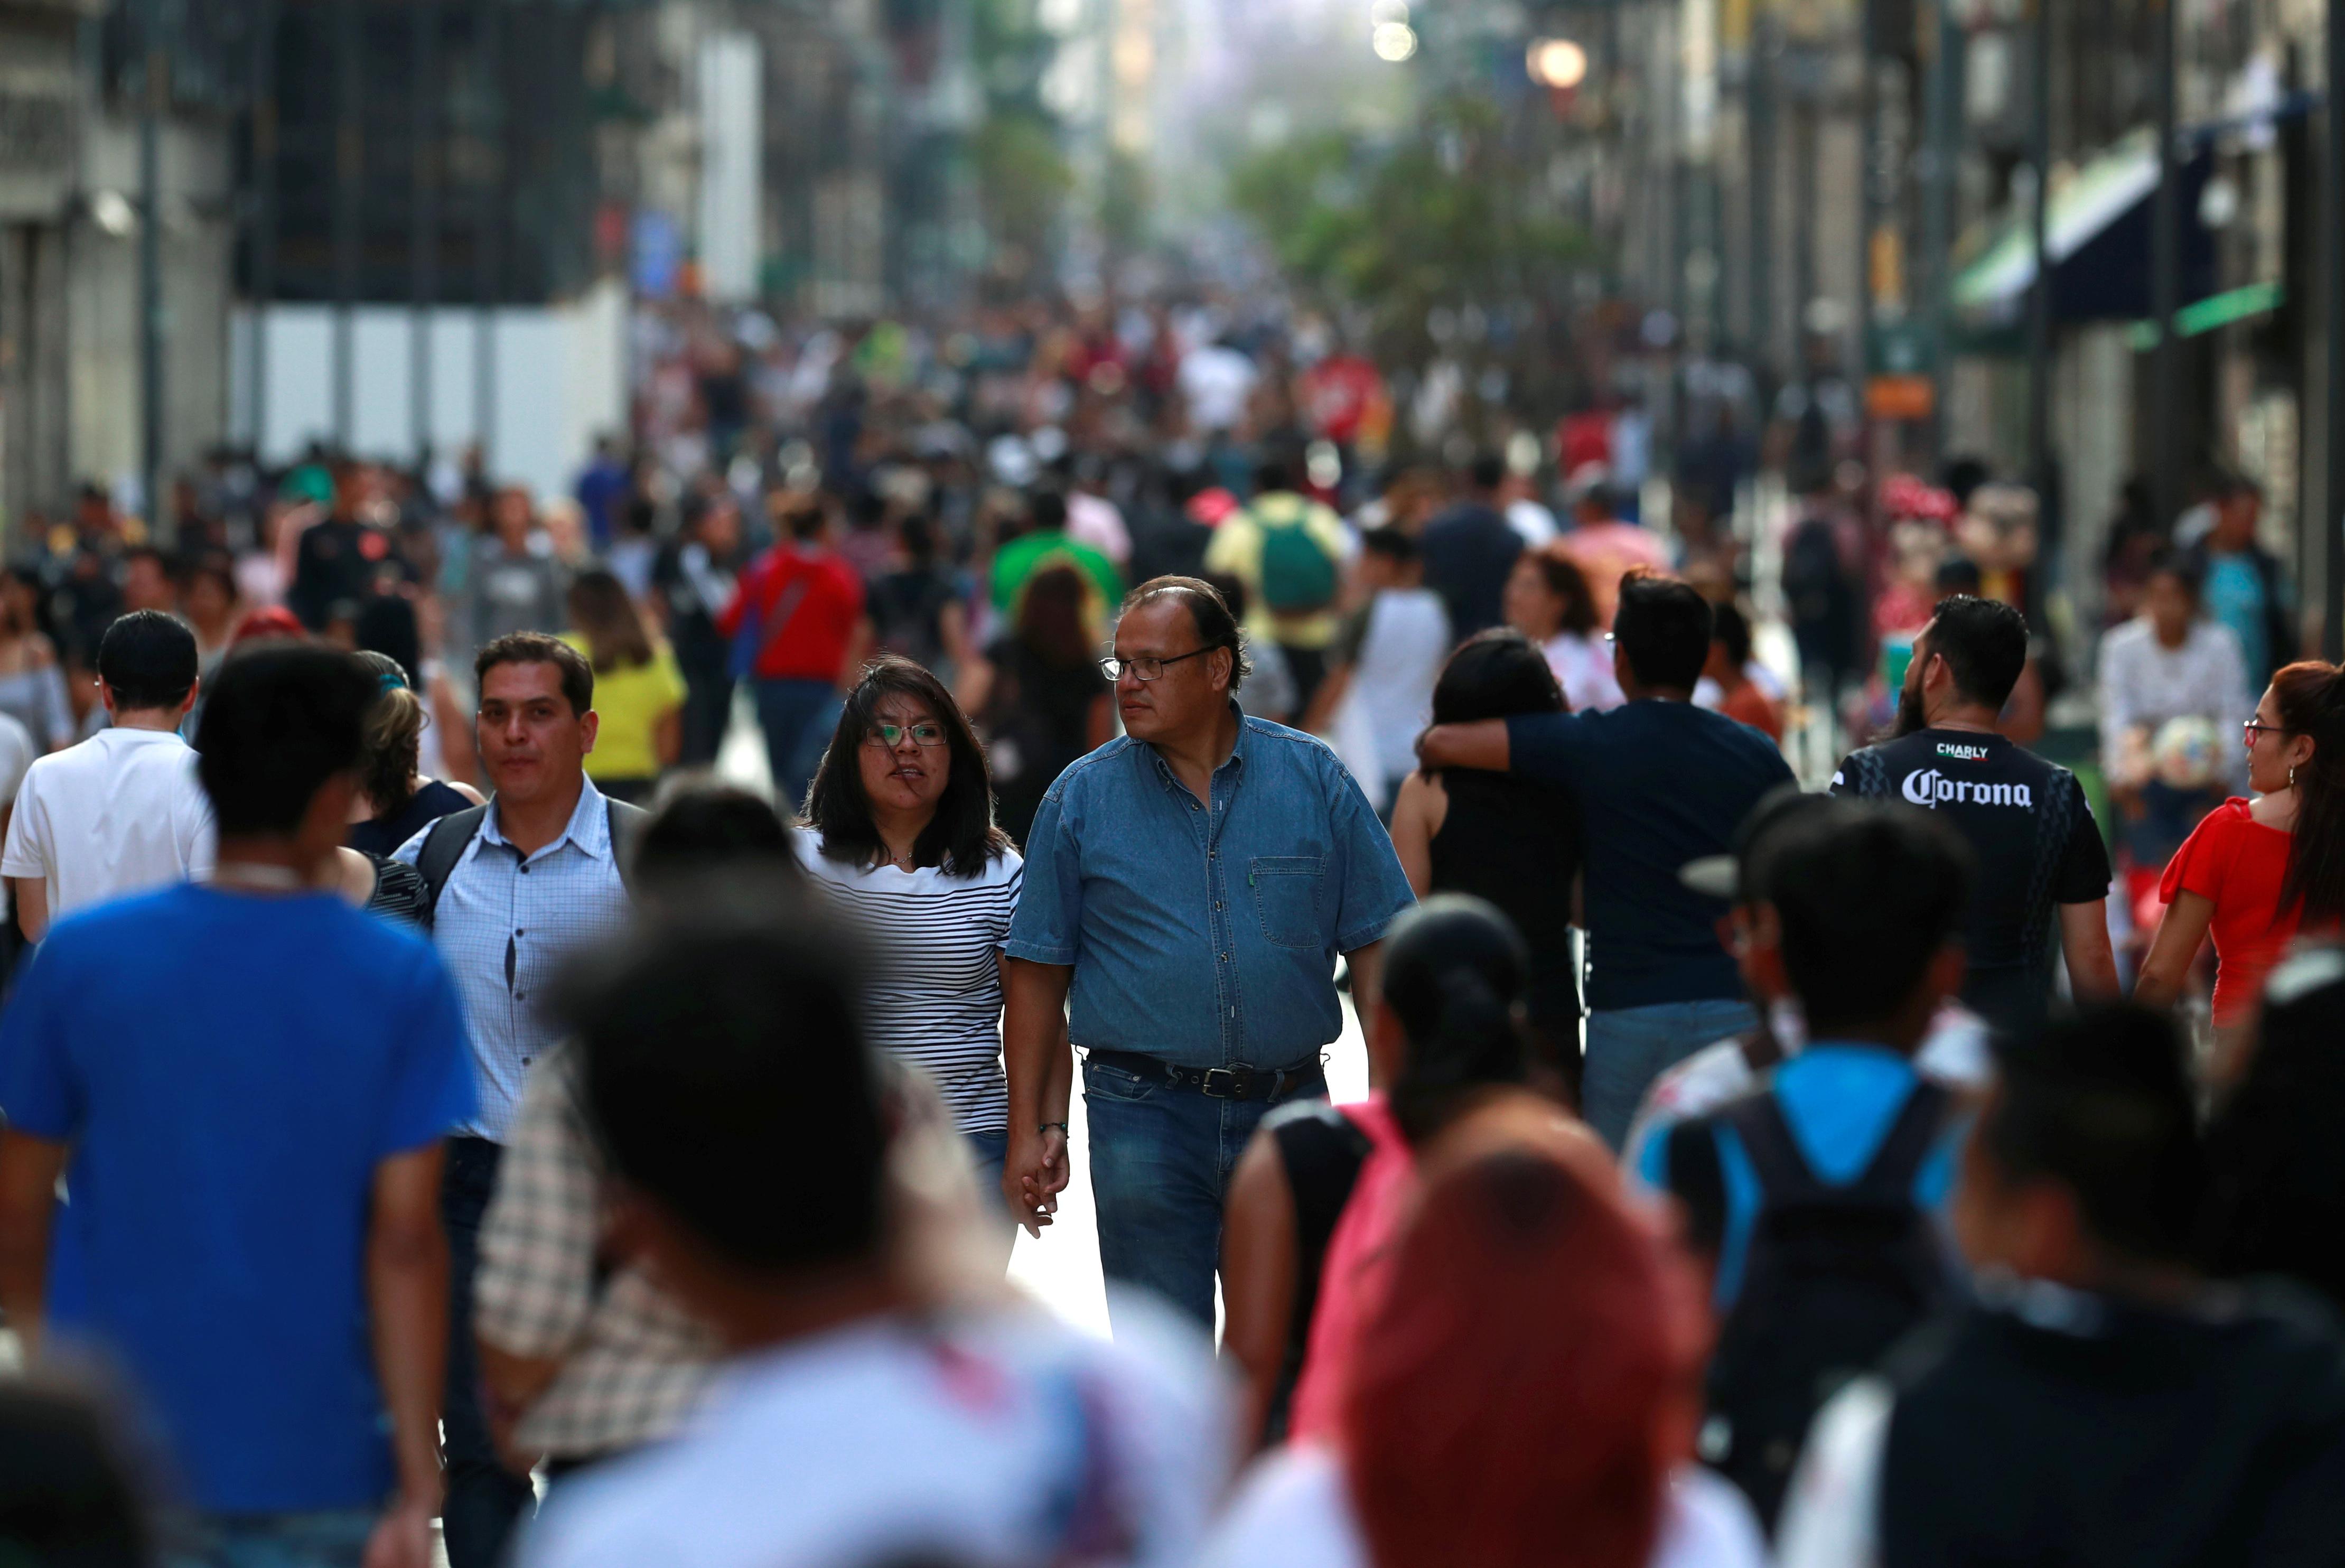 La gente camina en una calle peatonal cerca de la Plaza Zócalo cuando las autoridades de salud de México comenzaron a implementar medidas más estrictas para contener la propagación del coronavirus (COVID-19), en la Ciudad de México, México, 22 de marzo de 2020.